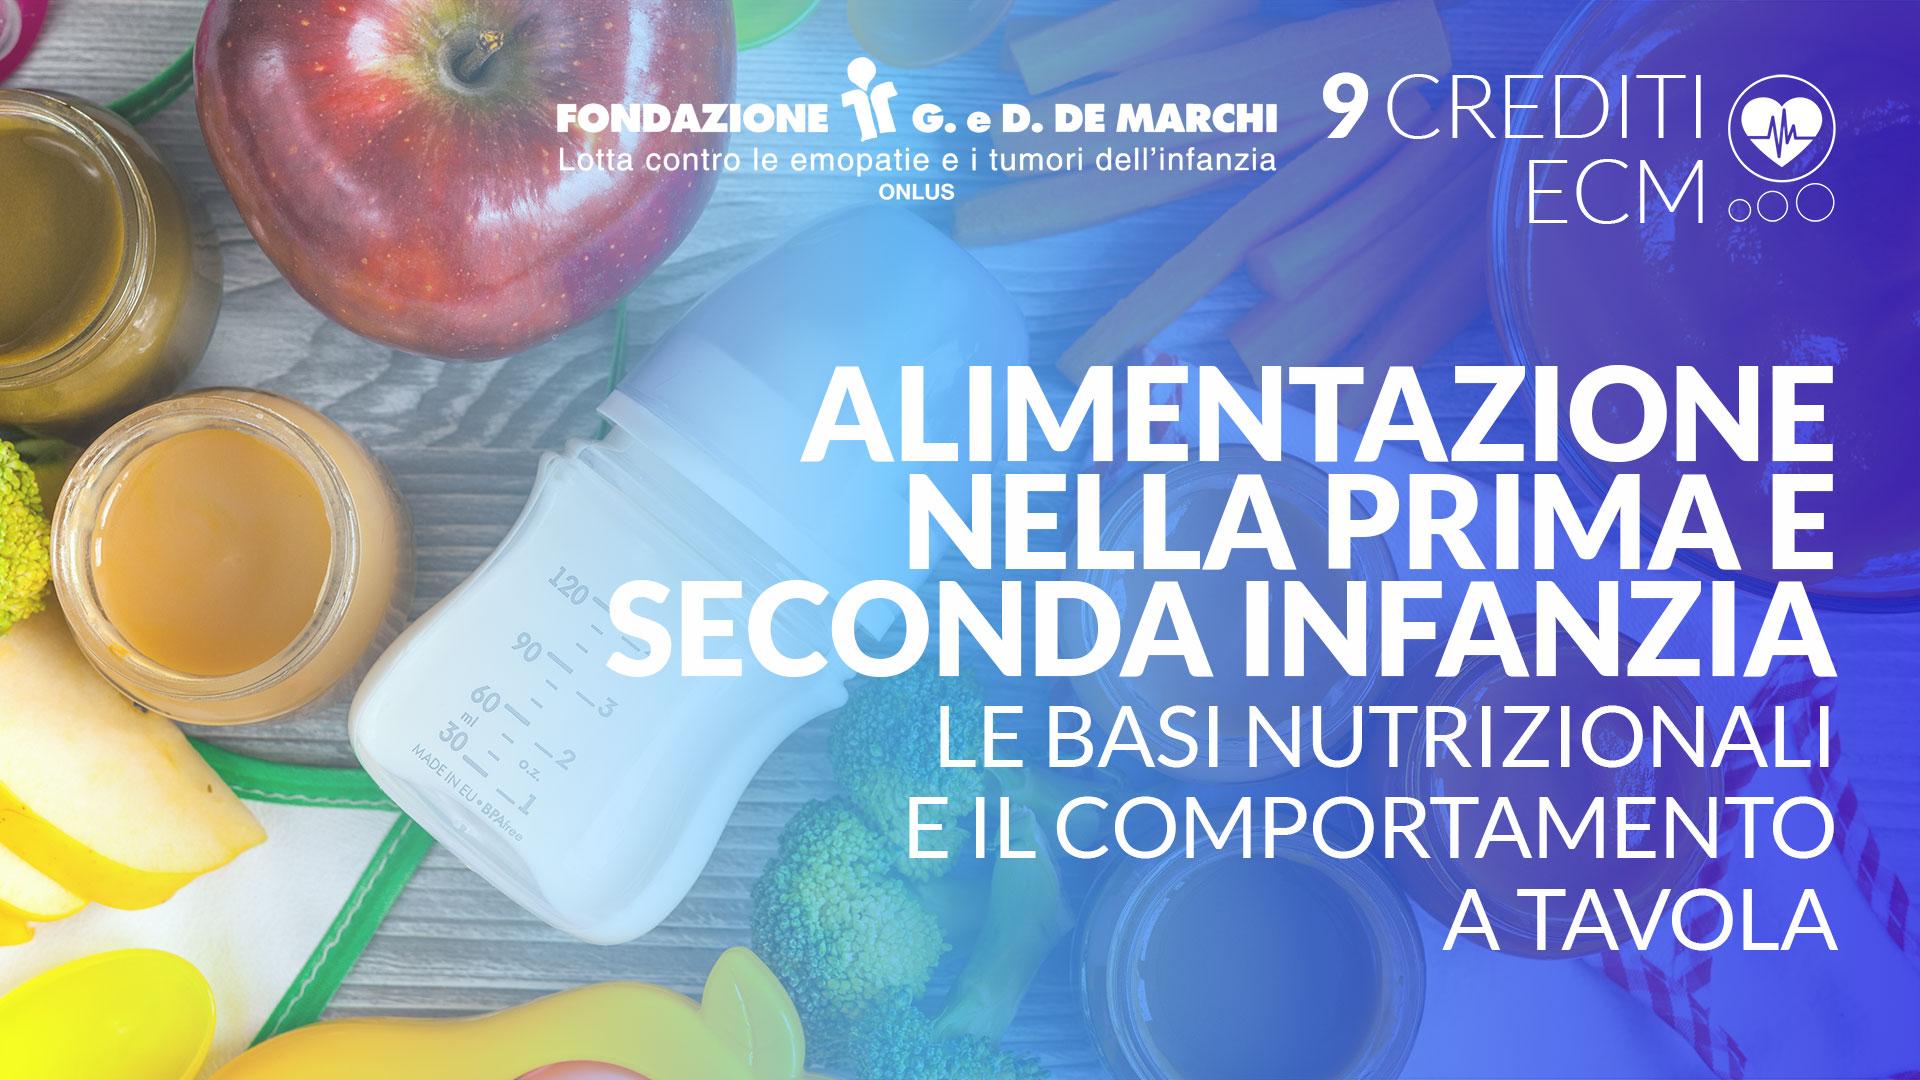 Alimentazione nella prima e seconda infanzia: le basi nutrizionali e il comportamento a tavola